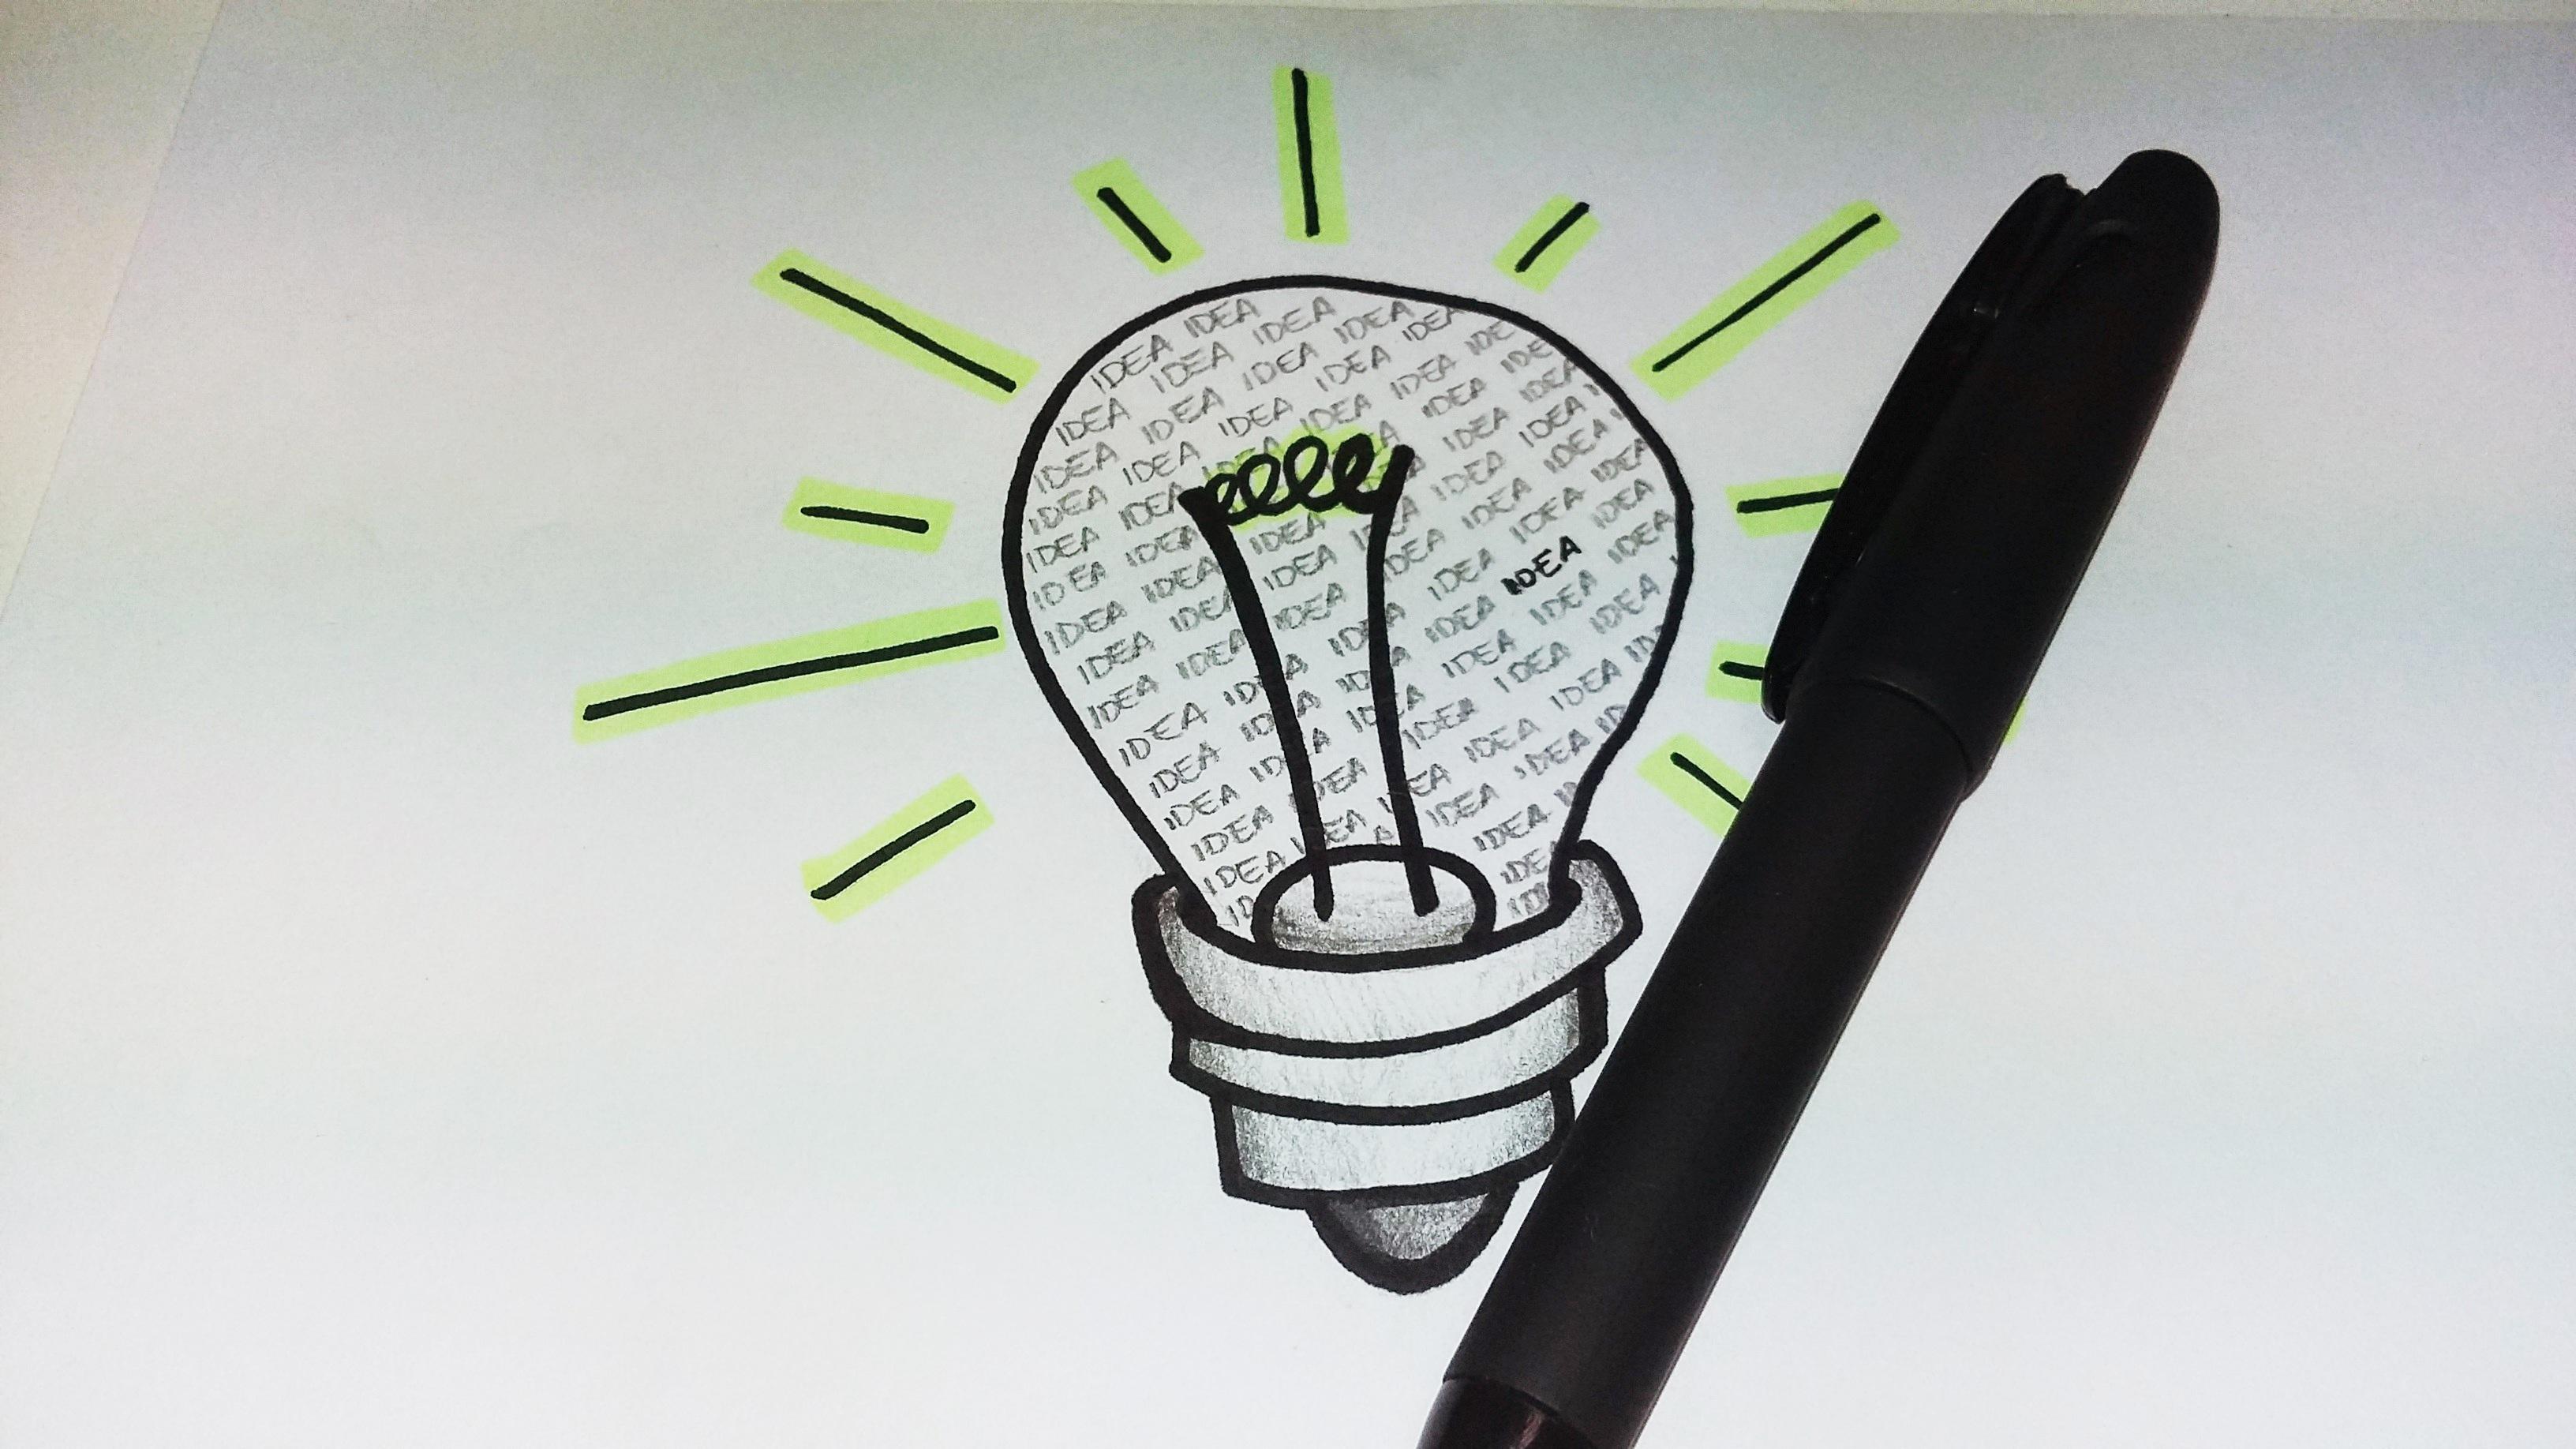 Gambar Tangan Pena Bolam Mainan Merek Ilustrasi Ide Gambar